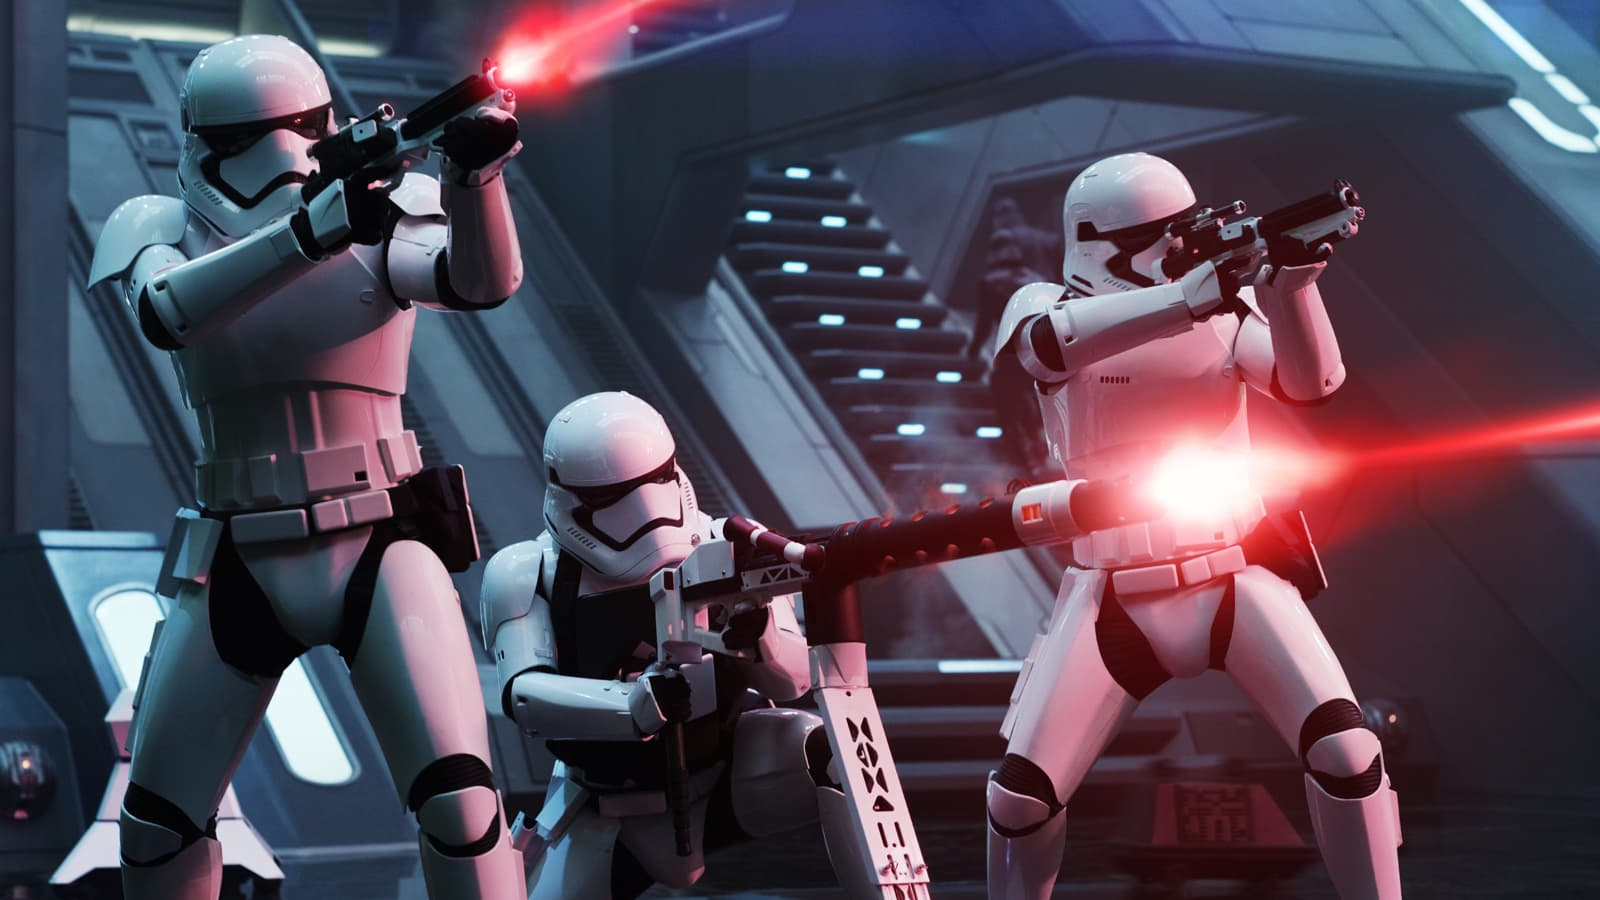 En promotion, tous les Star Wars sont